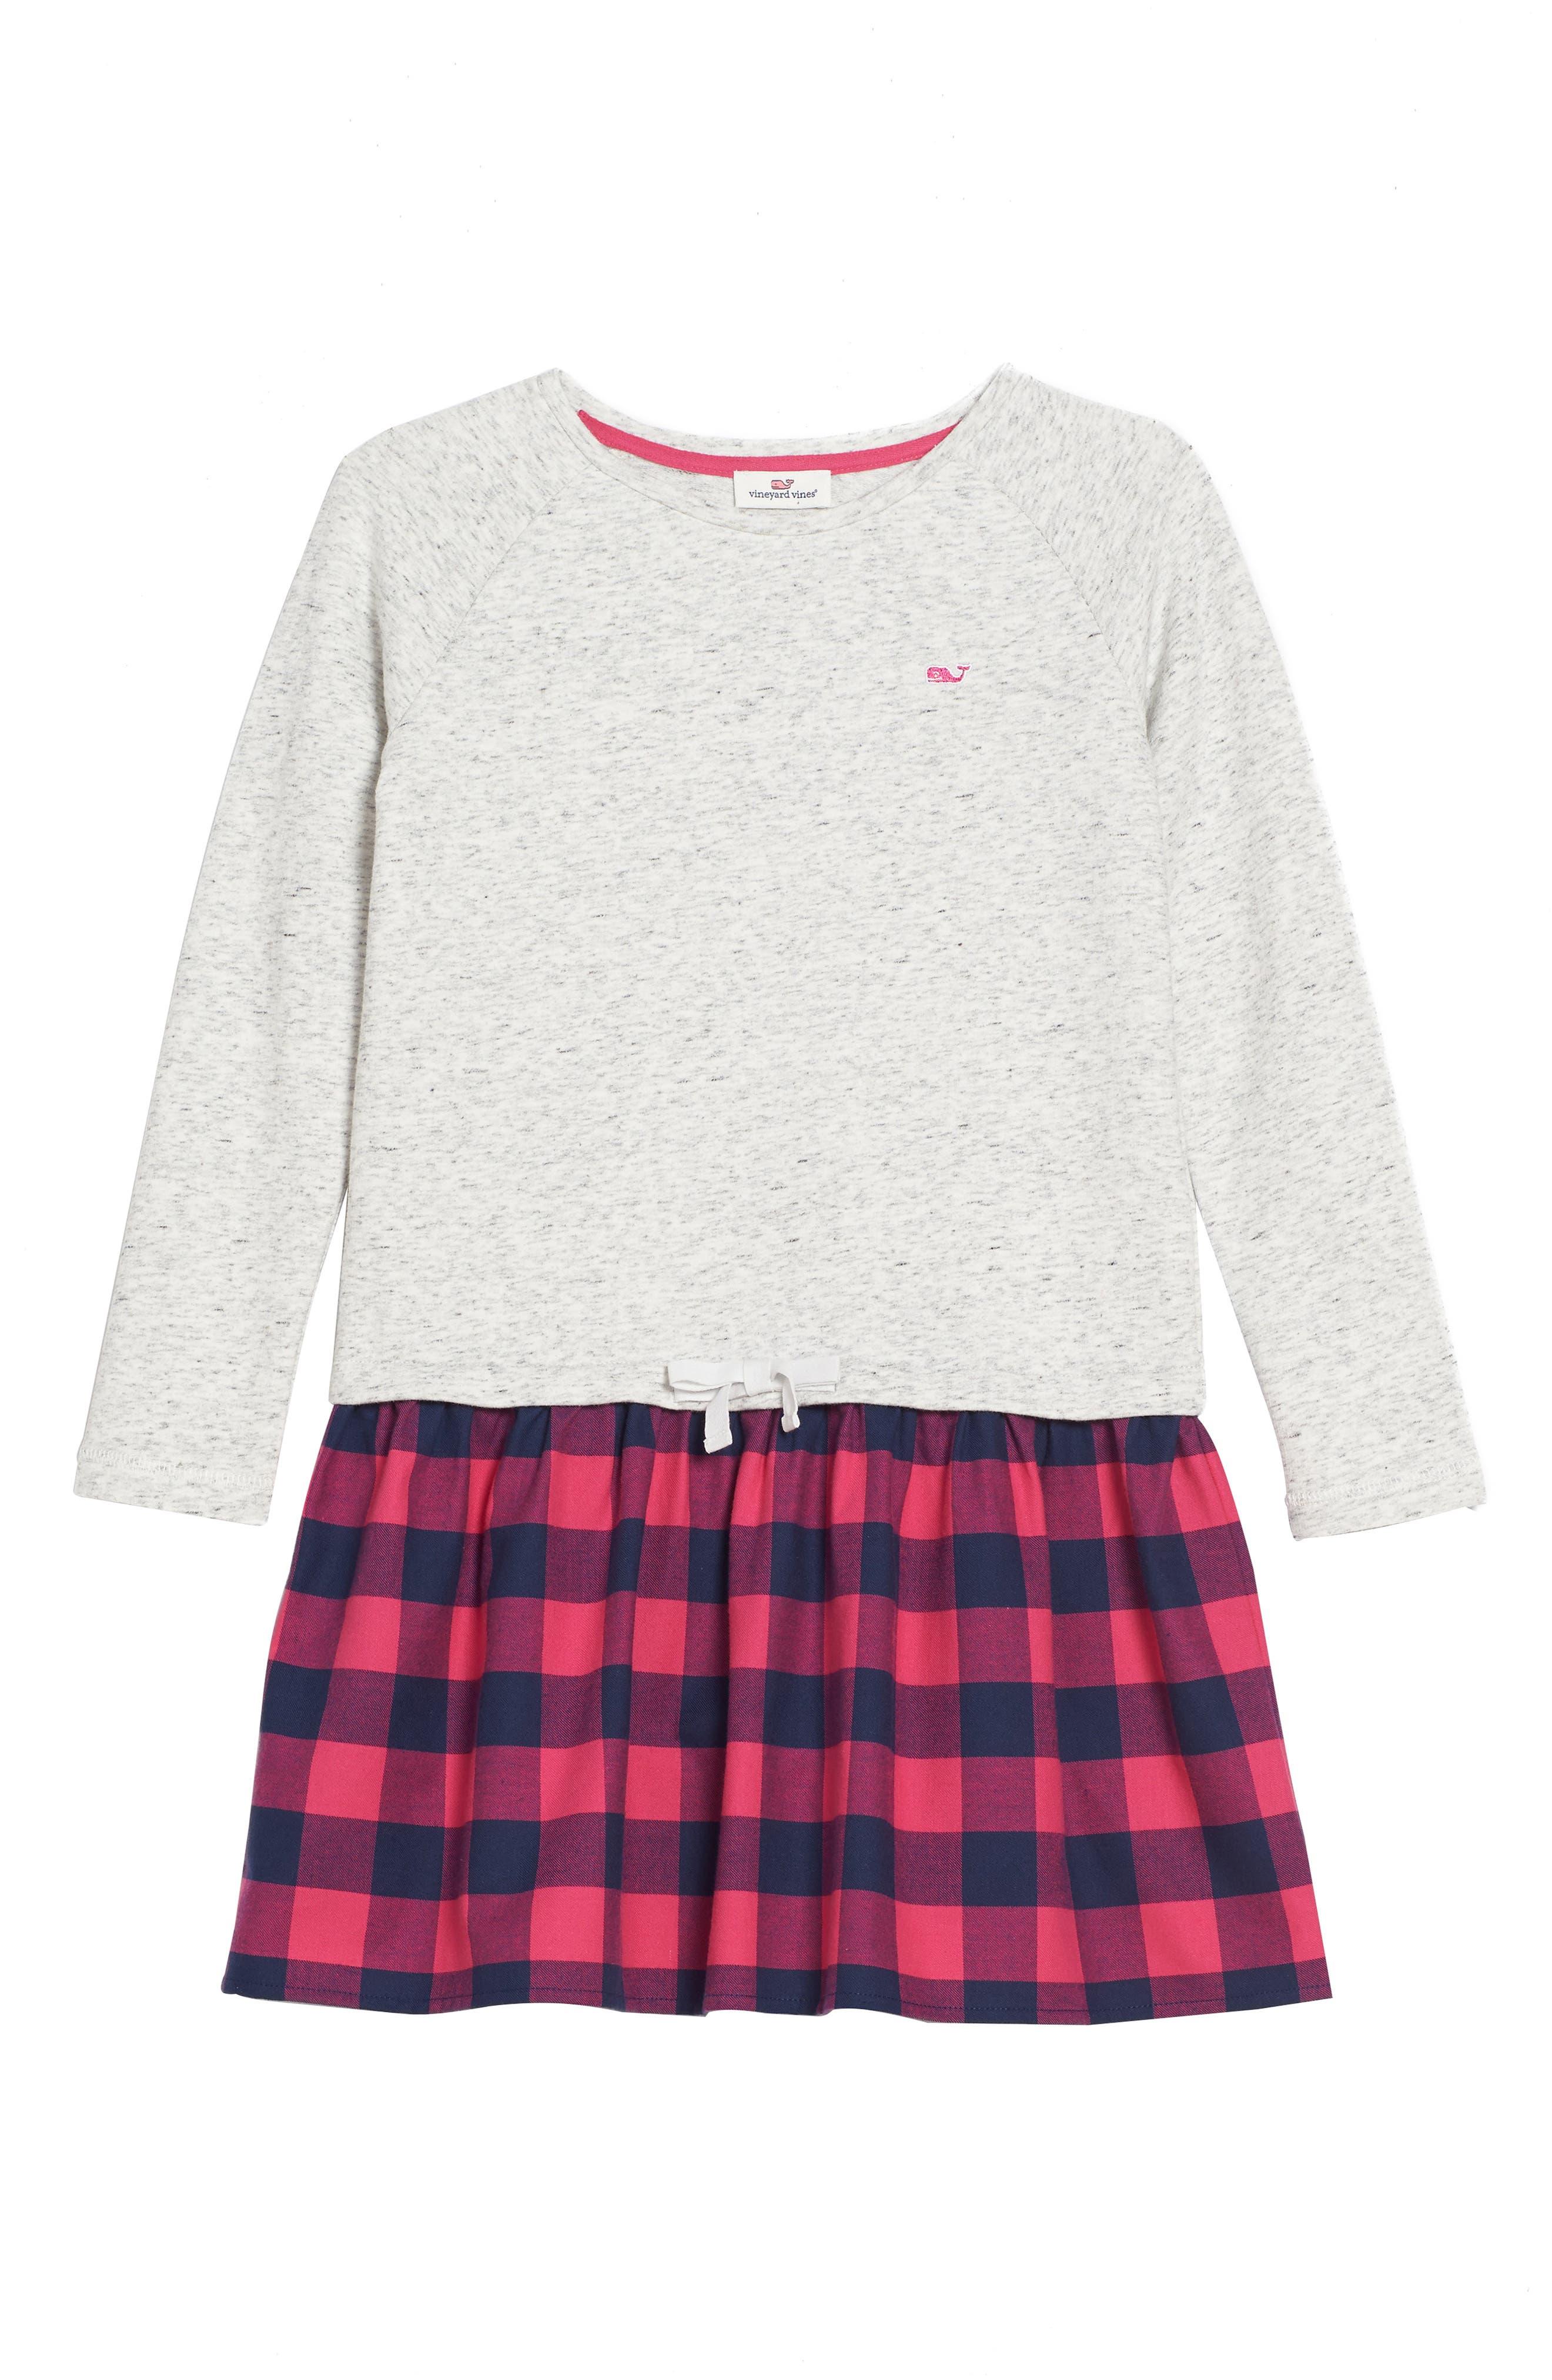 Buffalo Check Sweatshirt,                         Main,                         color, 039